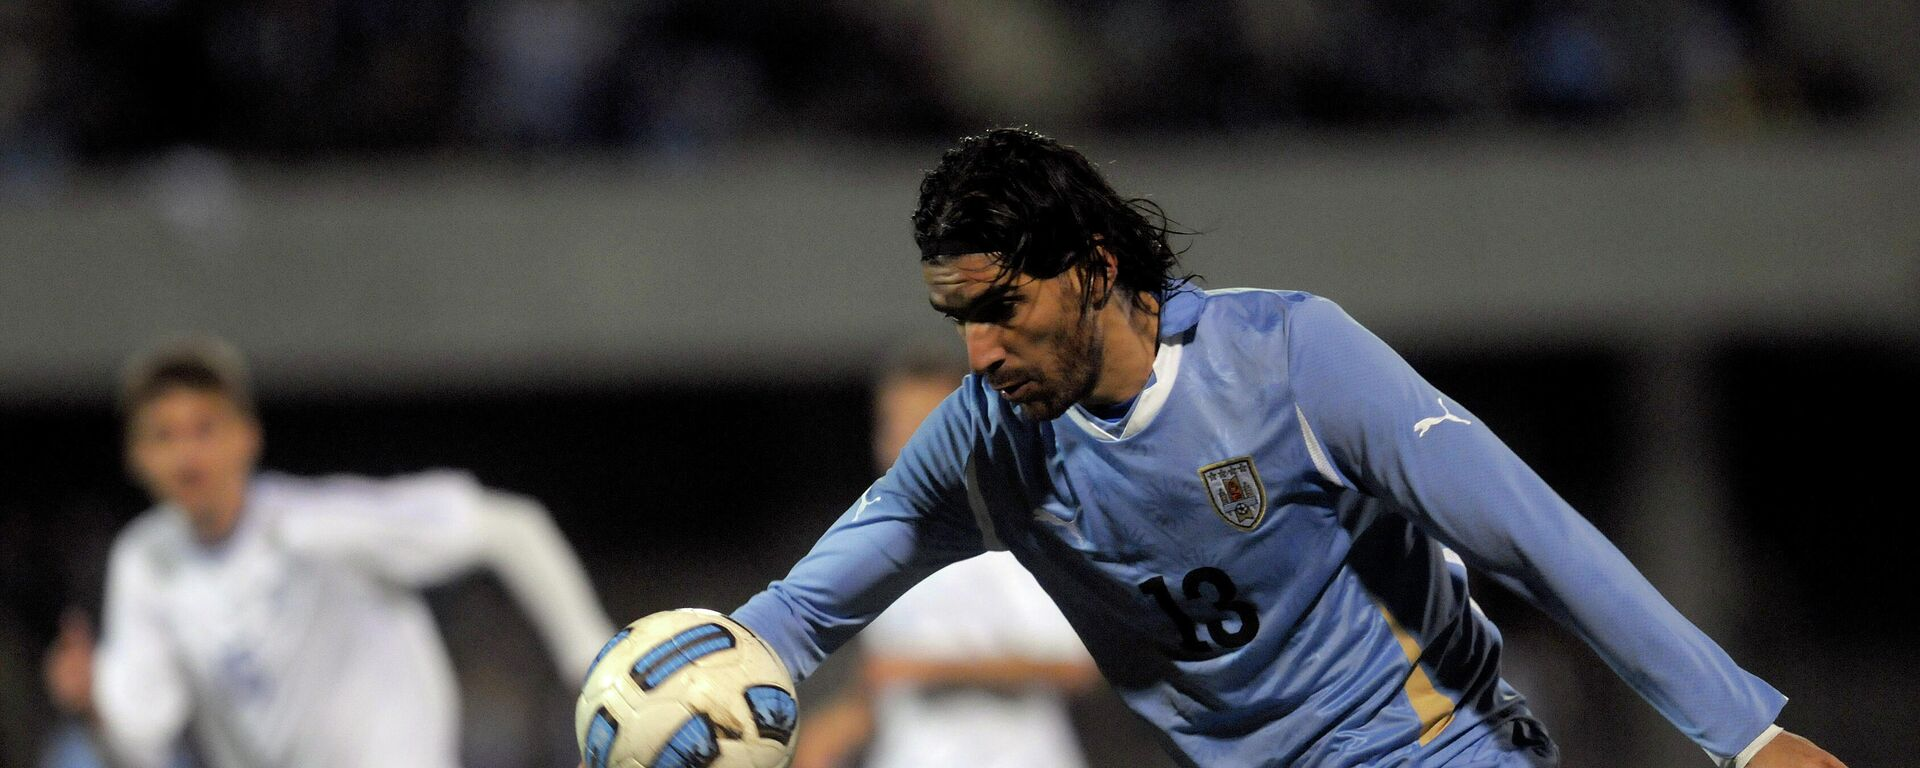 El futbolista uruguayo Sebastián Abreu con la selección de Uruguay en 2011 - Sputnik Mundo, 1920, 10.06.2021